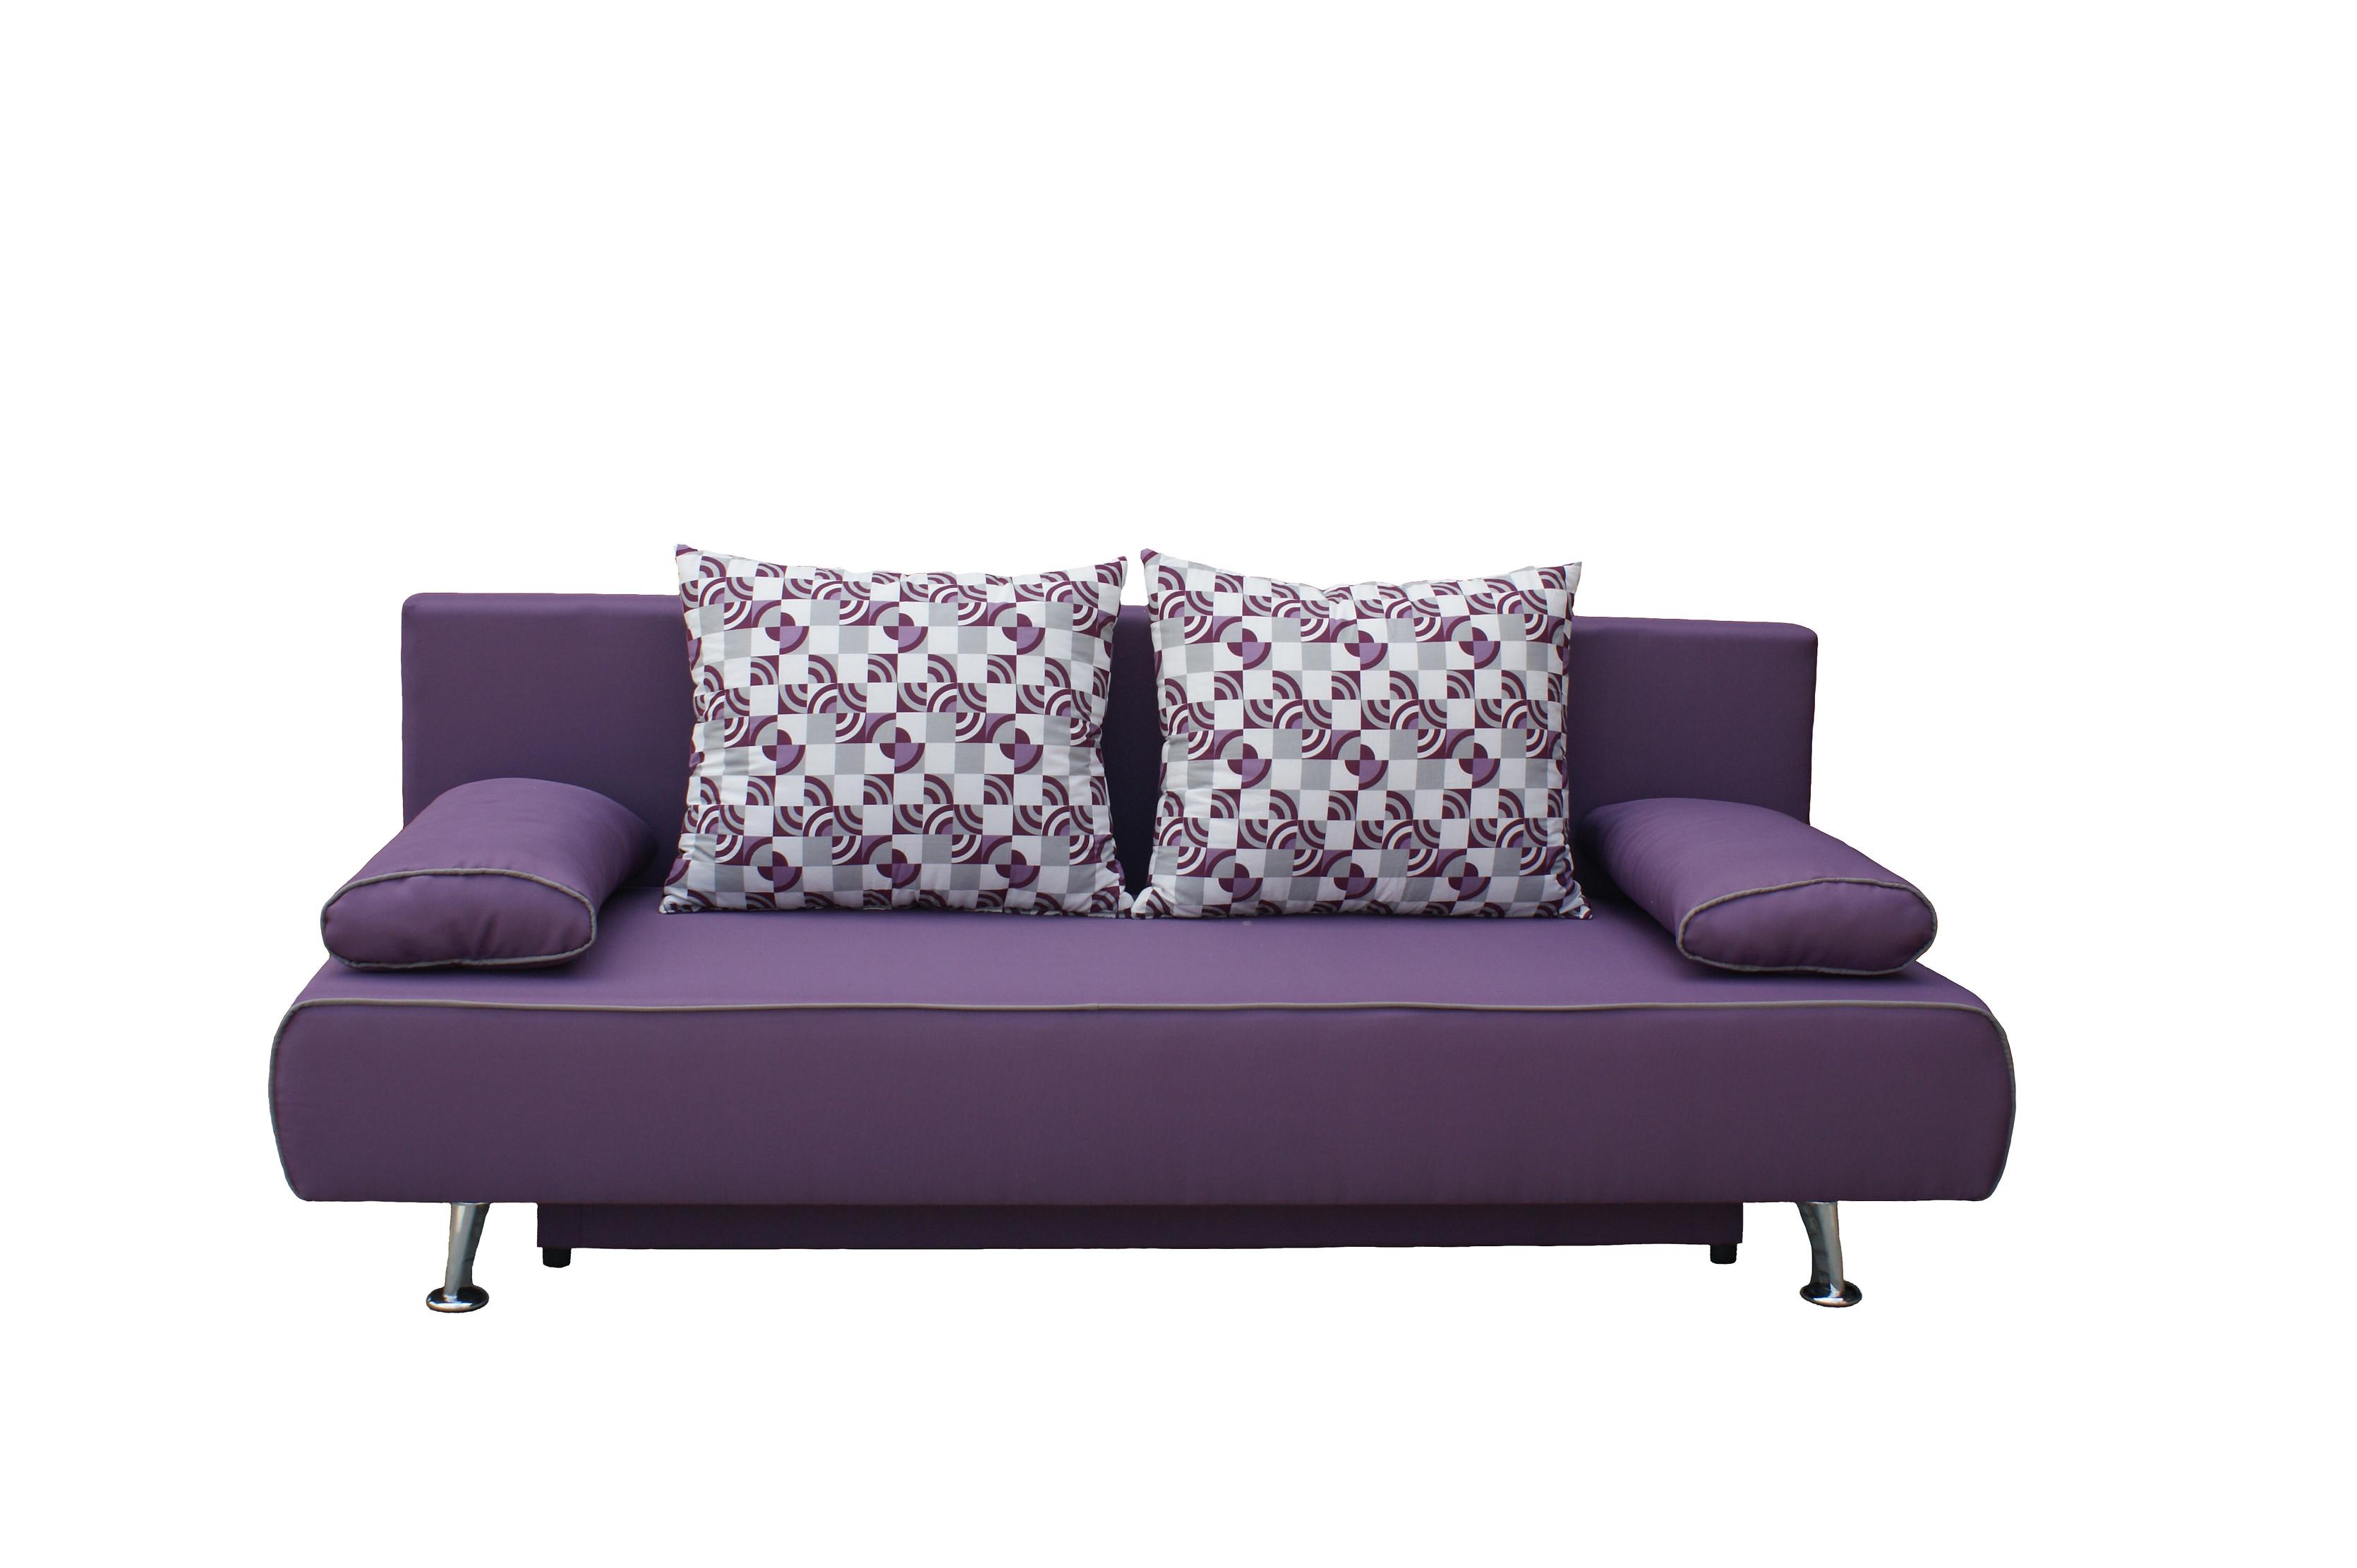 Pohovka - BRW - Kali Lux fialová